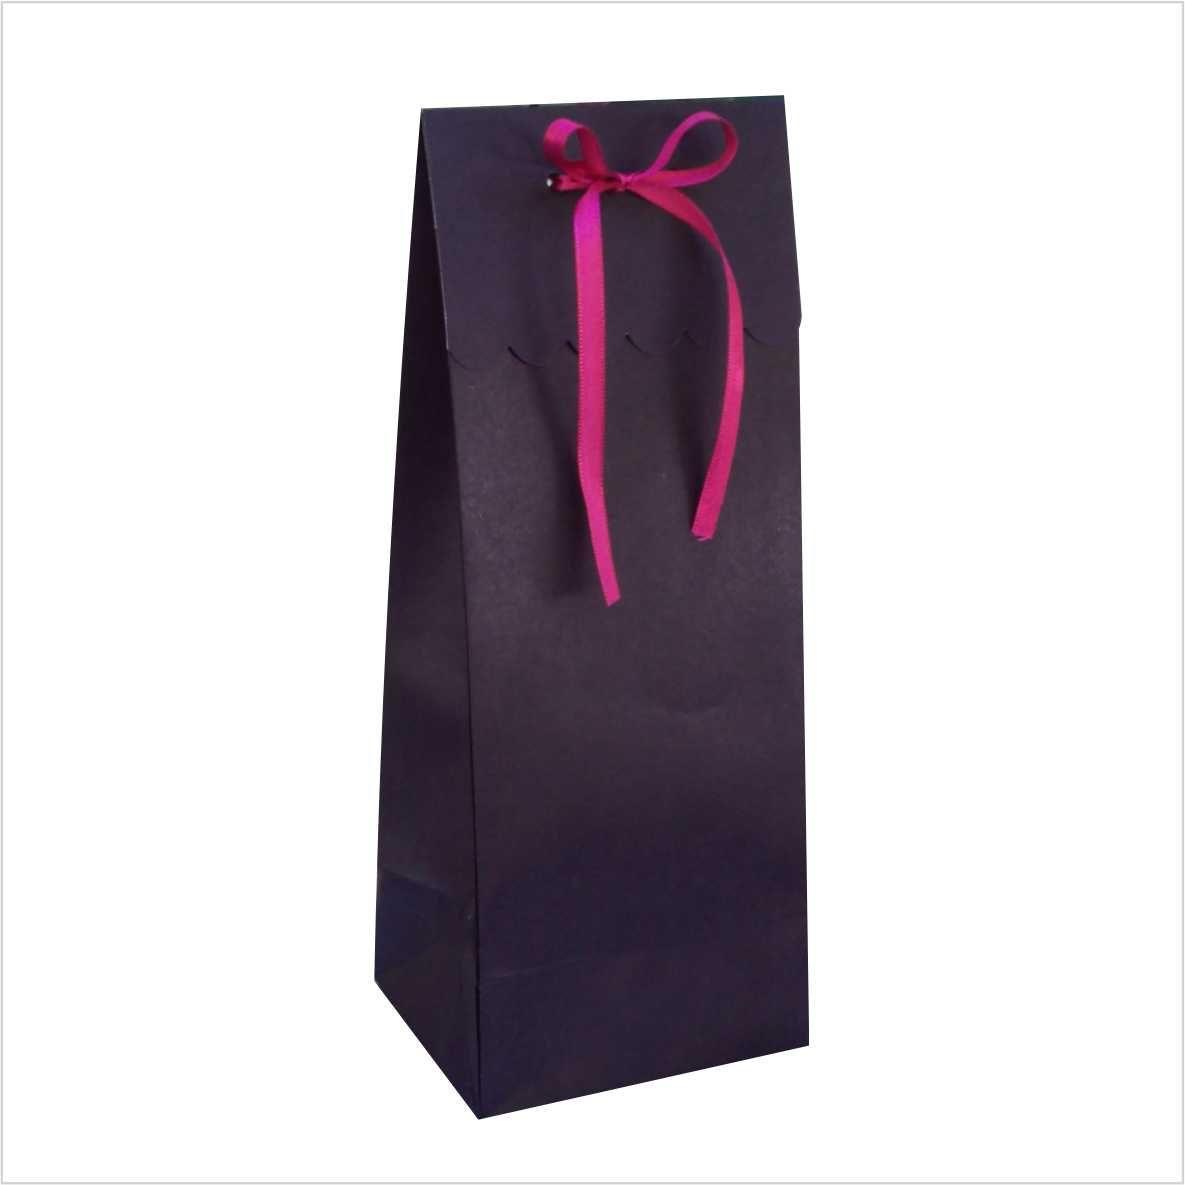 Sacola de papel cor preta com aba p/ fechamento ideal para mini garrafa (11x28x9 cm) 10 unidades